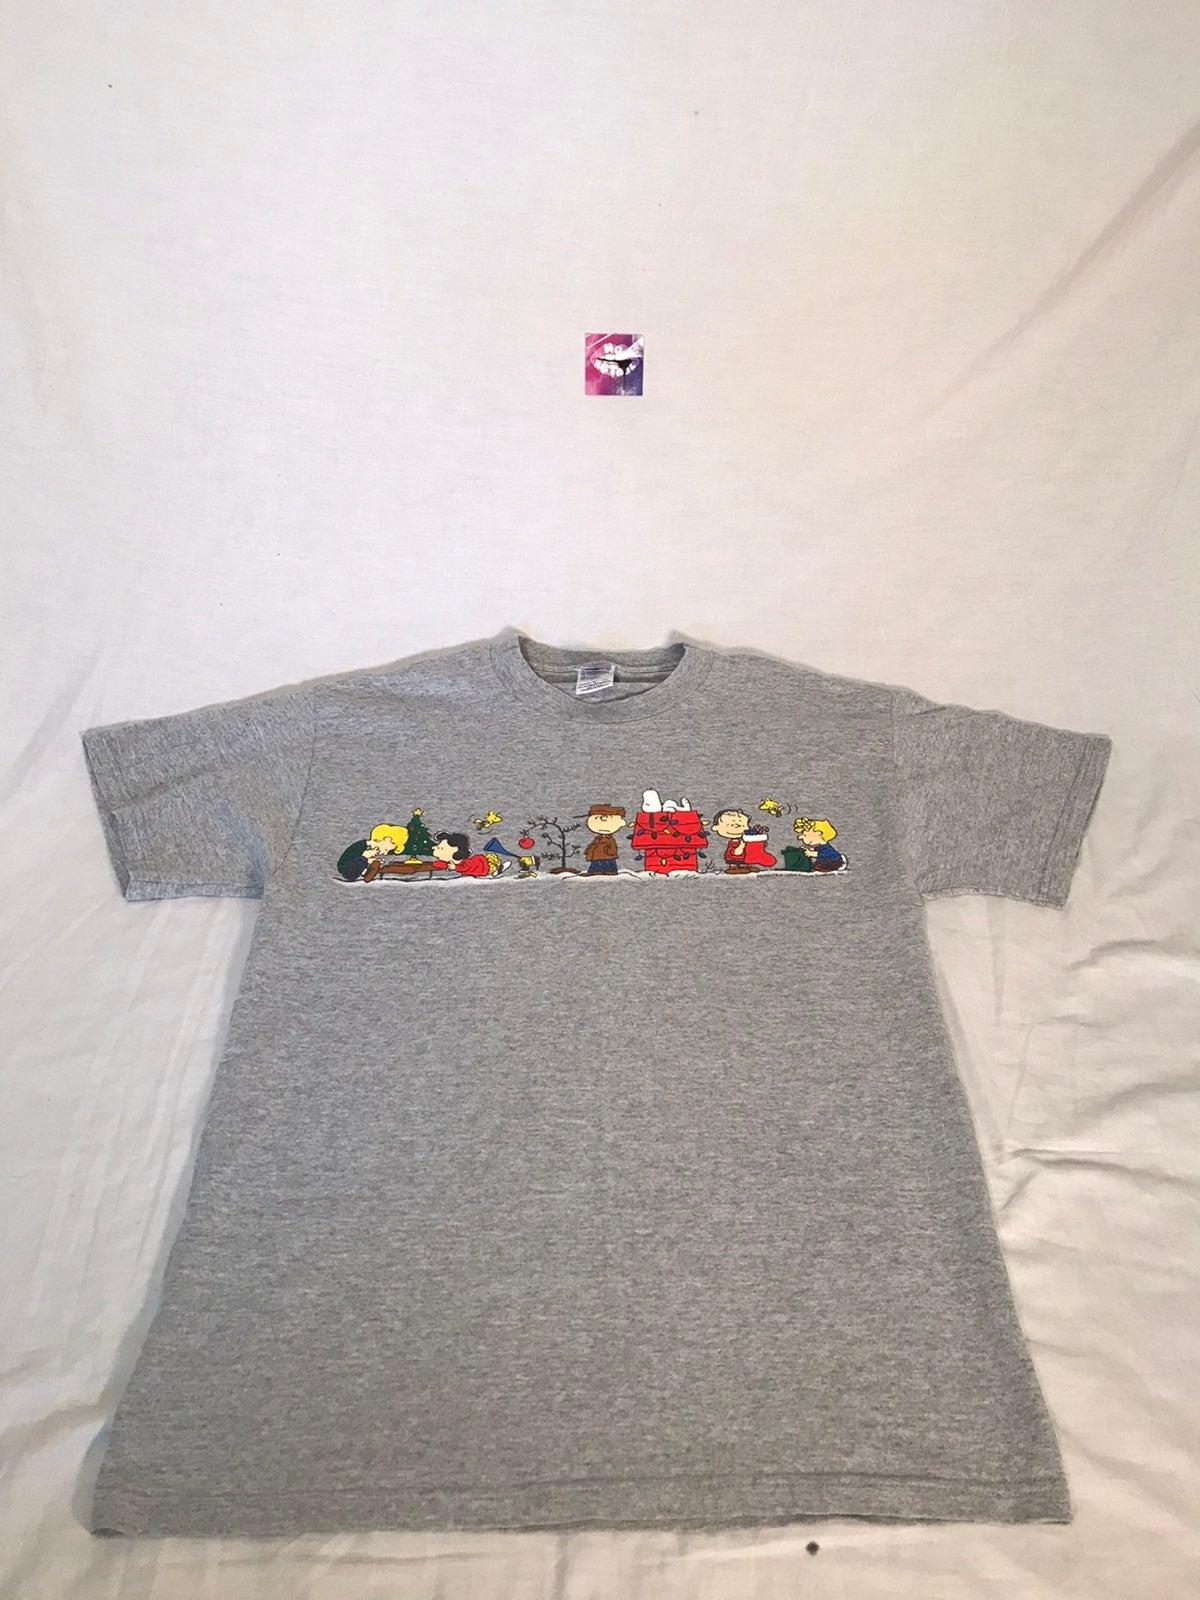 Vintage Peanuts Shirt